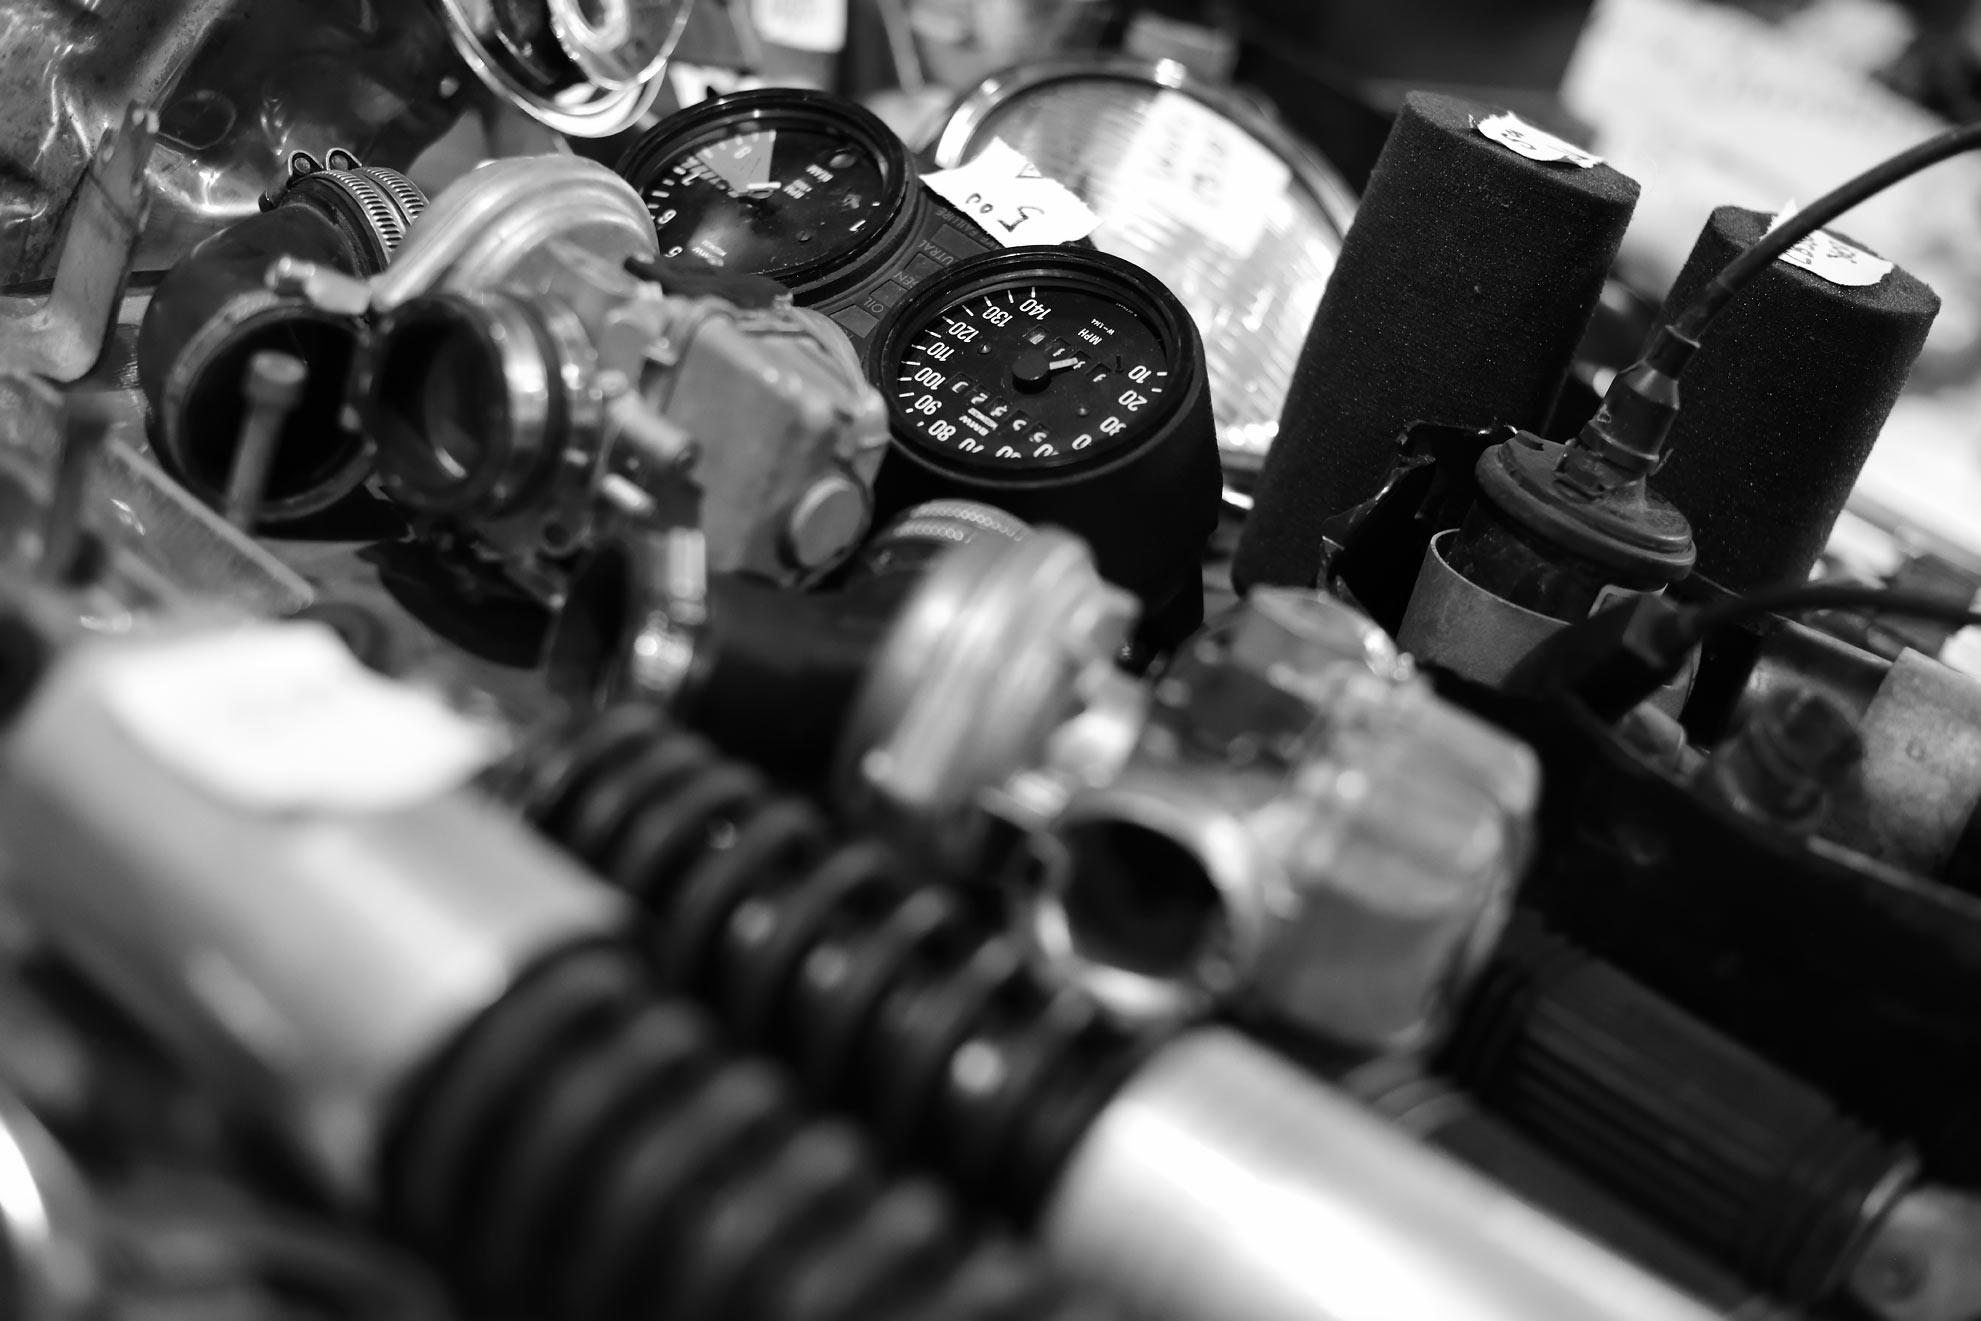 motomarket_001.jpg